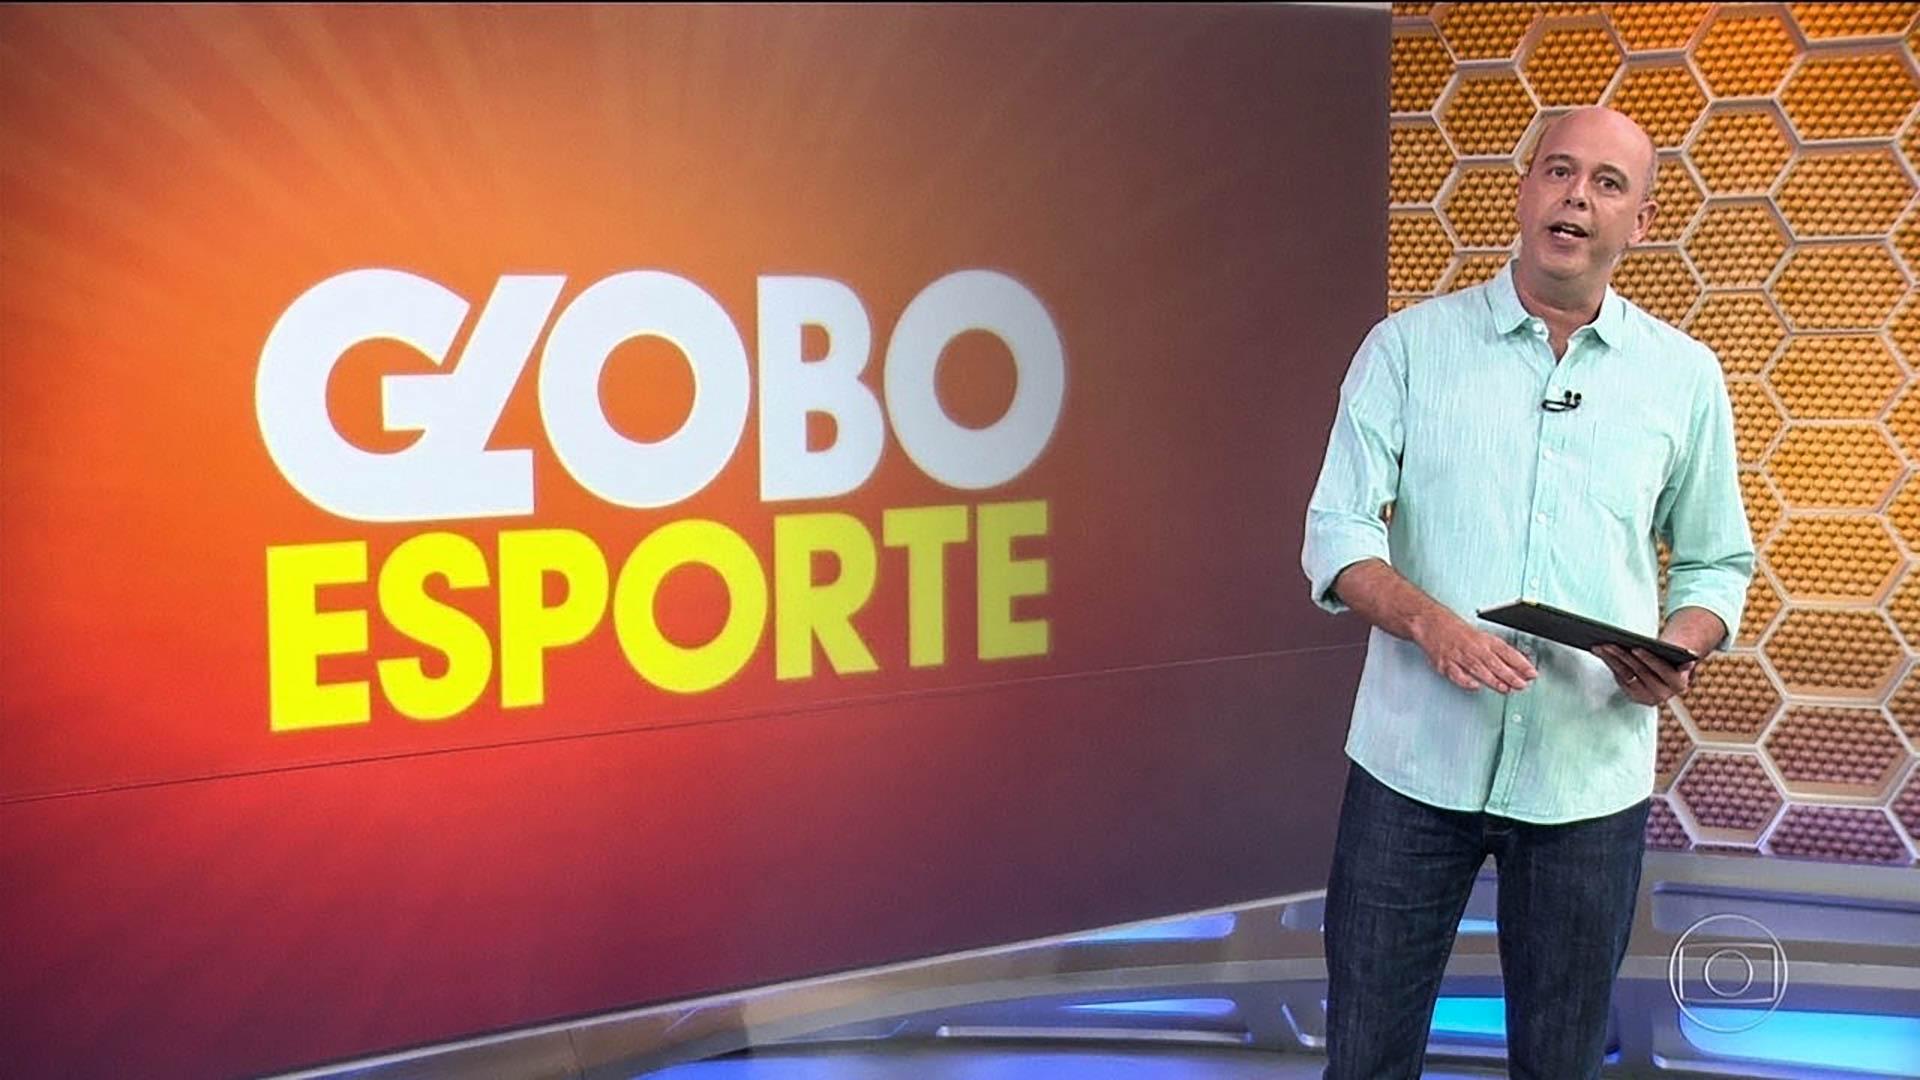 Globo Esporte - RJ